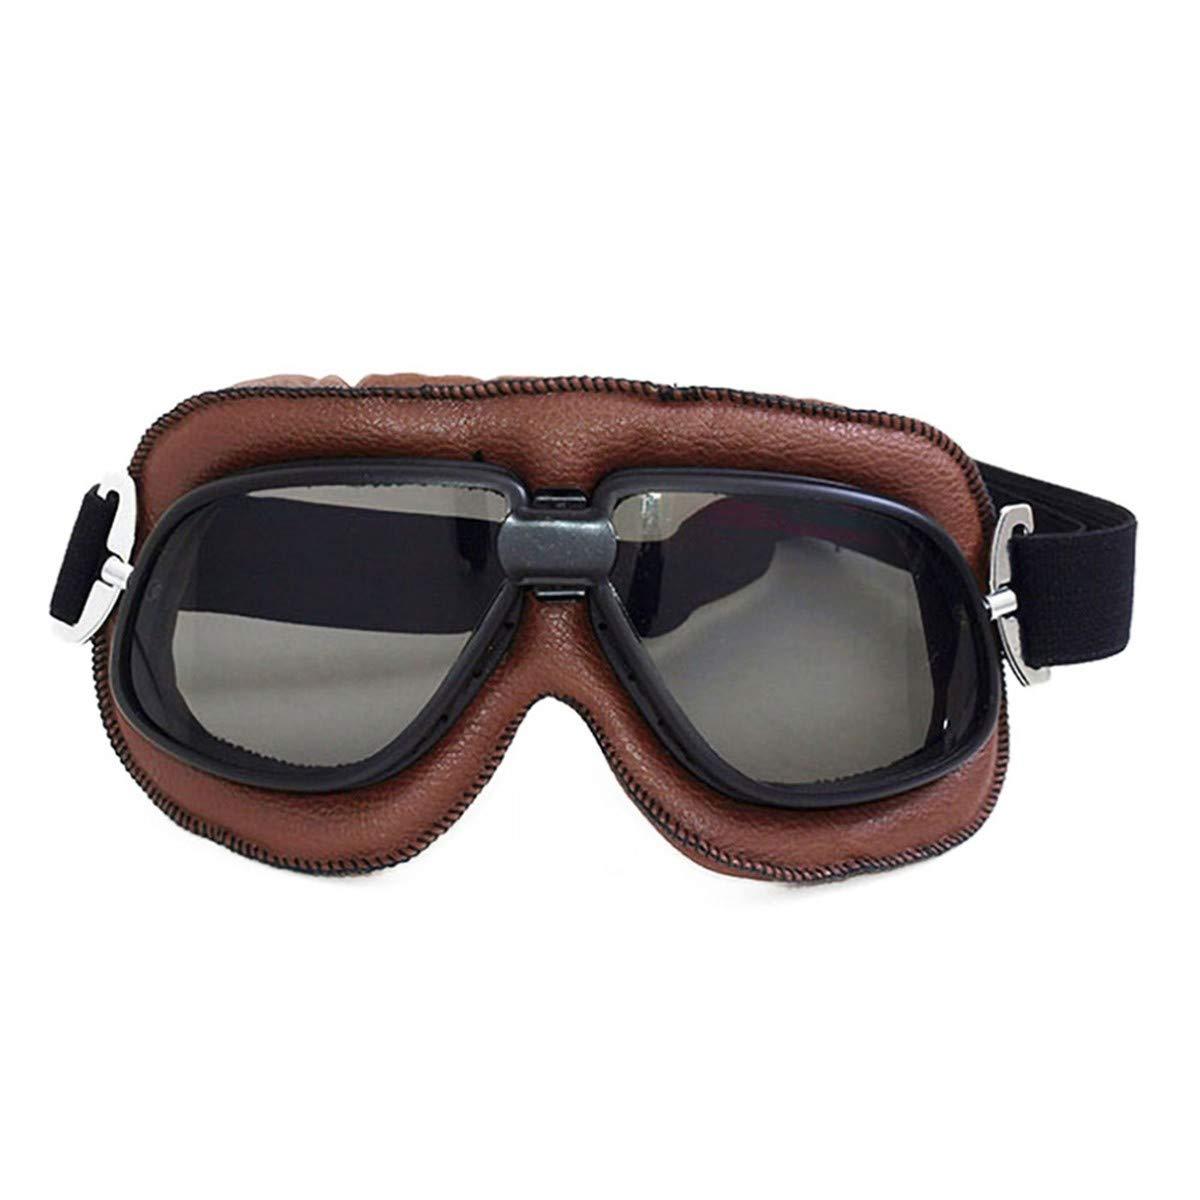 WENDAN EsquiandoGafas de Moto Gafas de Moto Retro Gafas de Esqui